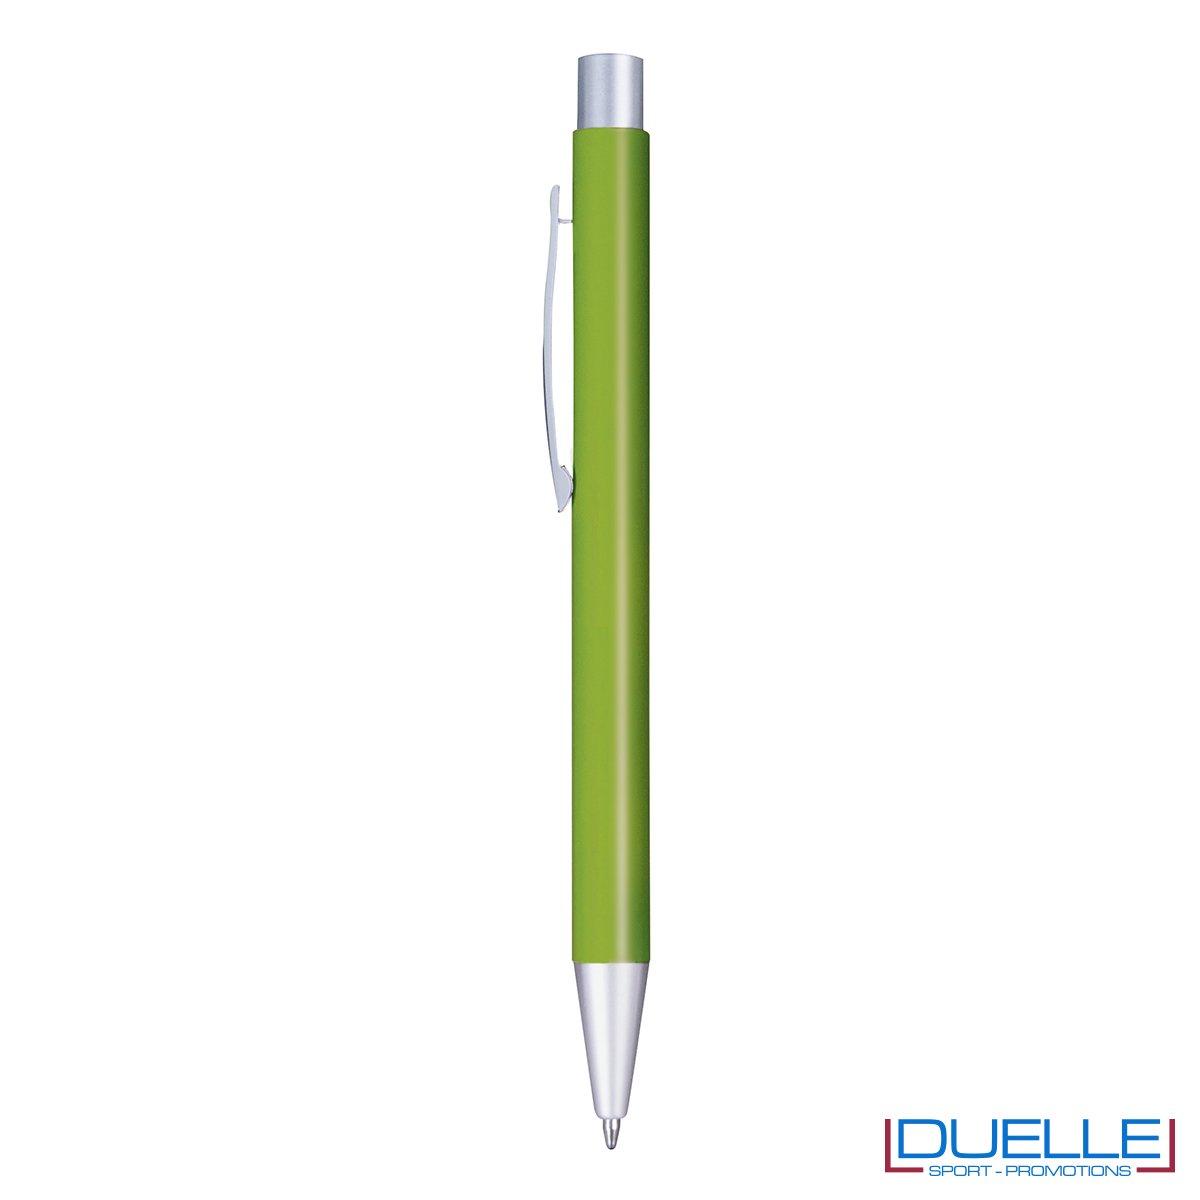 Penna in alluminio personalizzata con incisione laser colore verde chiaro